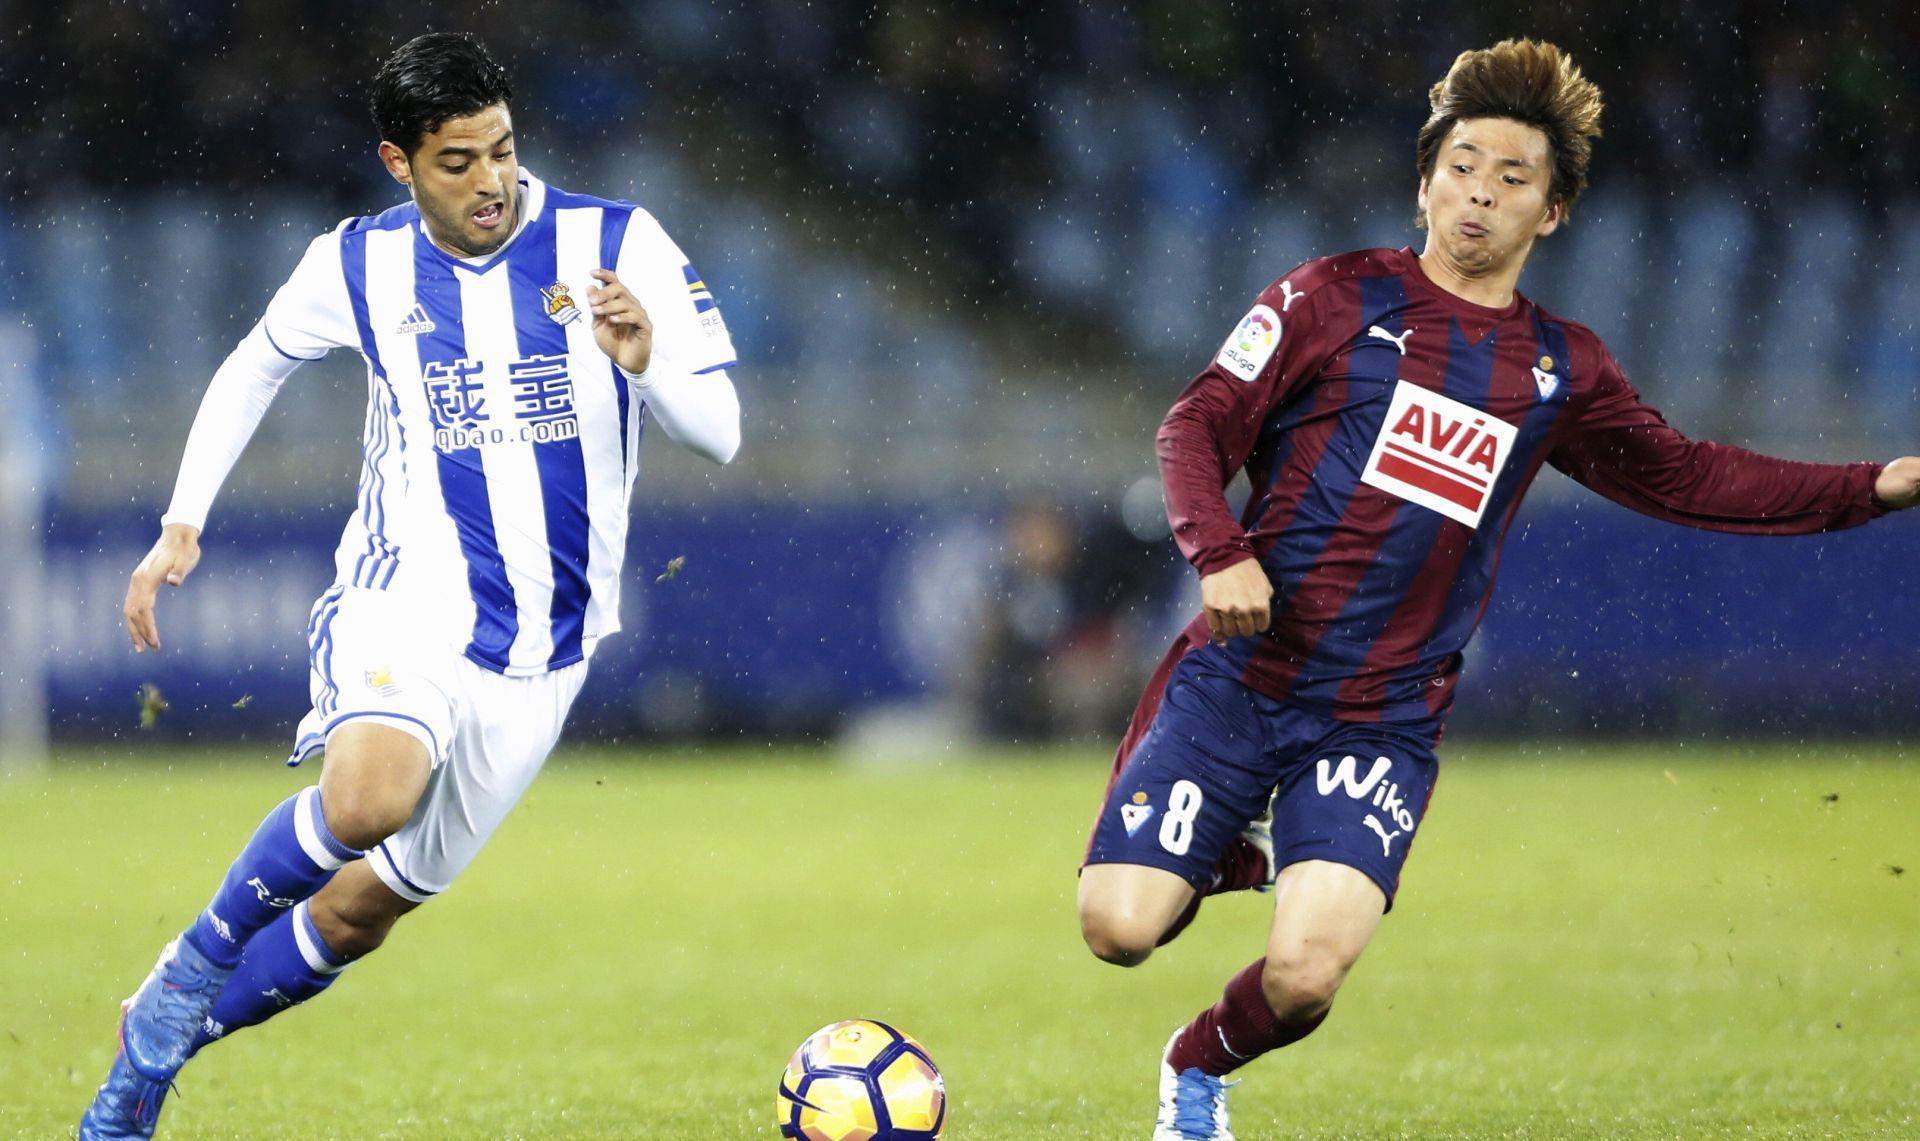 Real Sociedad – Eibar 2-2